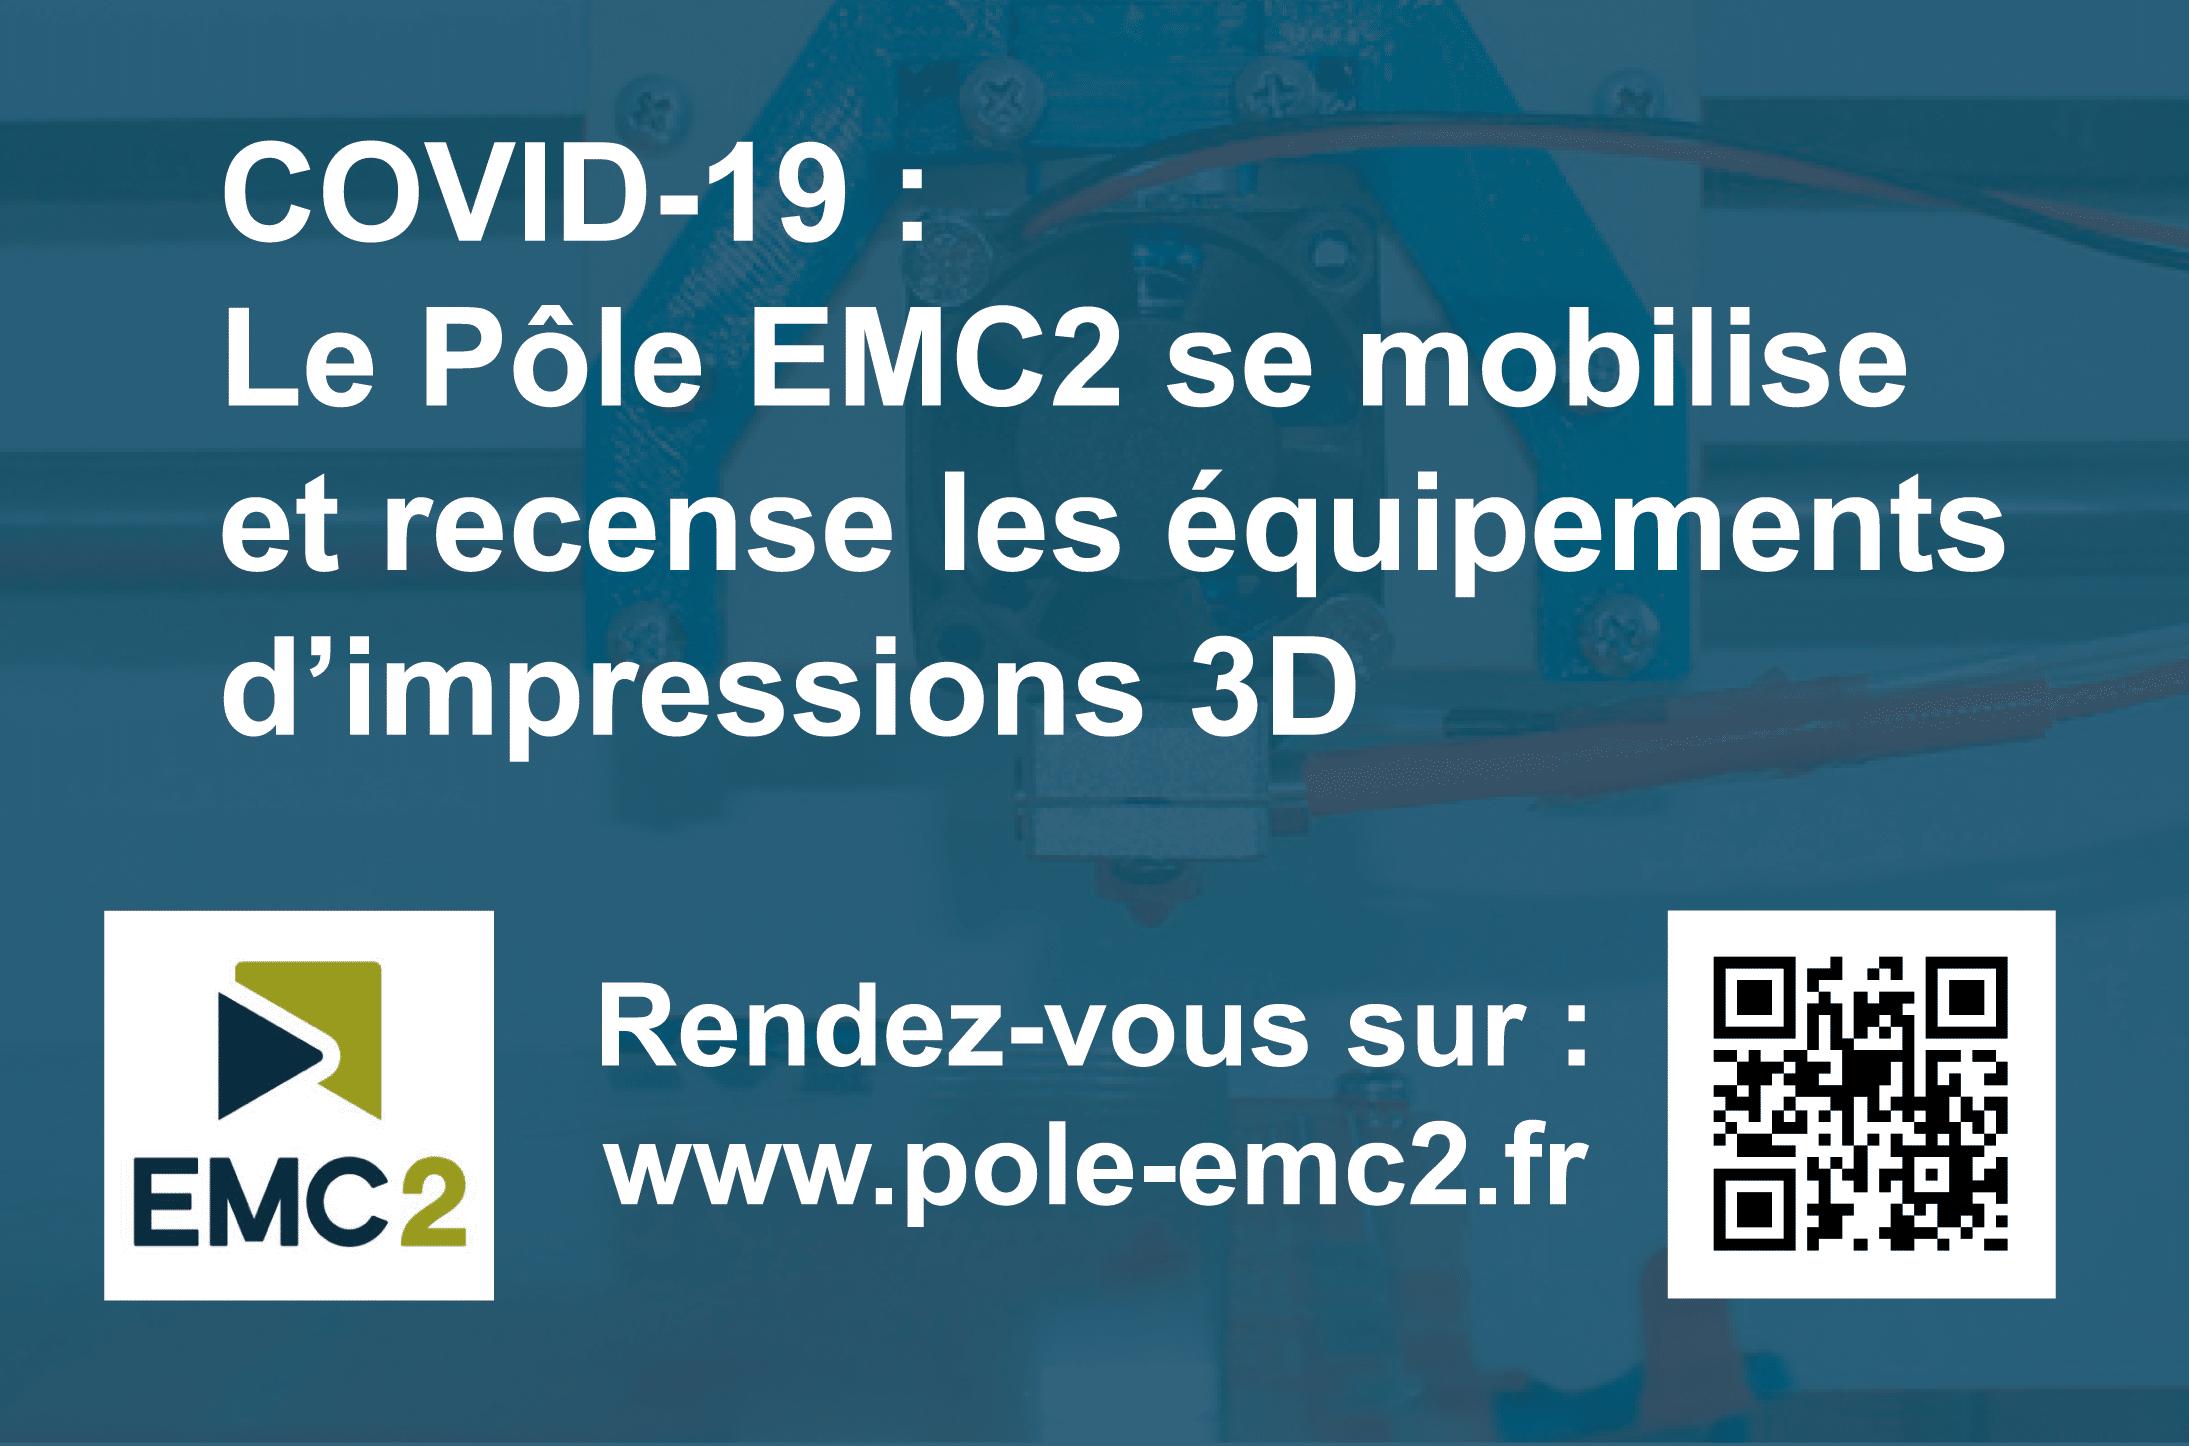 COVID-19 | Le Pôle EMC2 se mobilise et recense les équipements d'impressions 3D